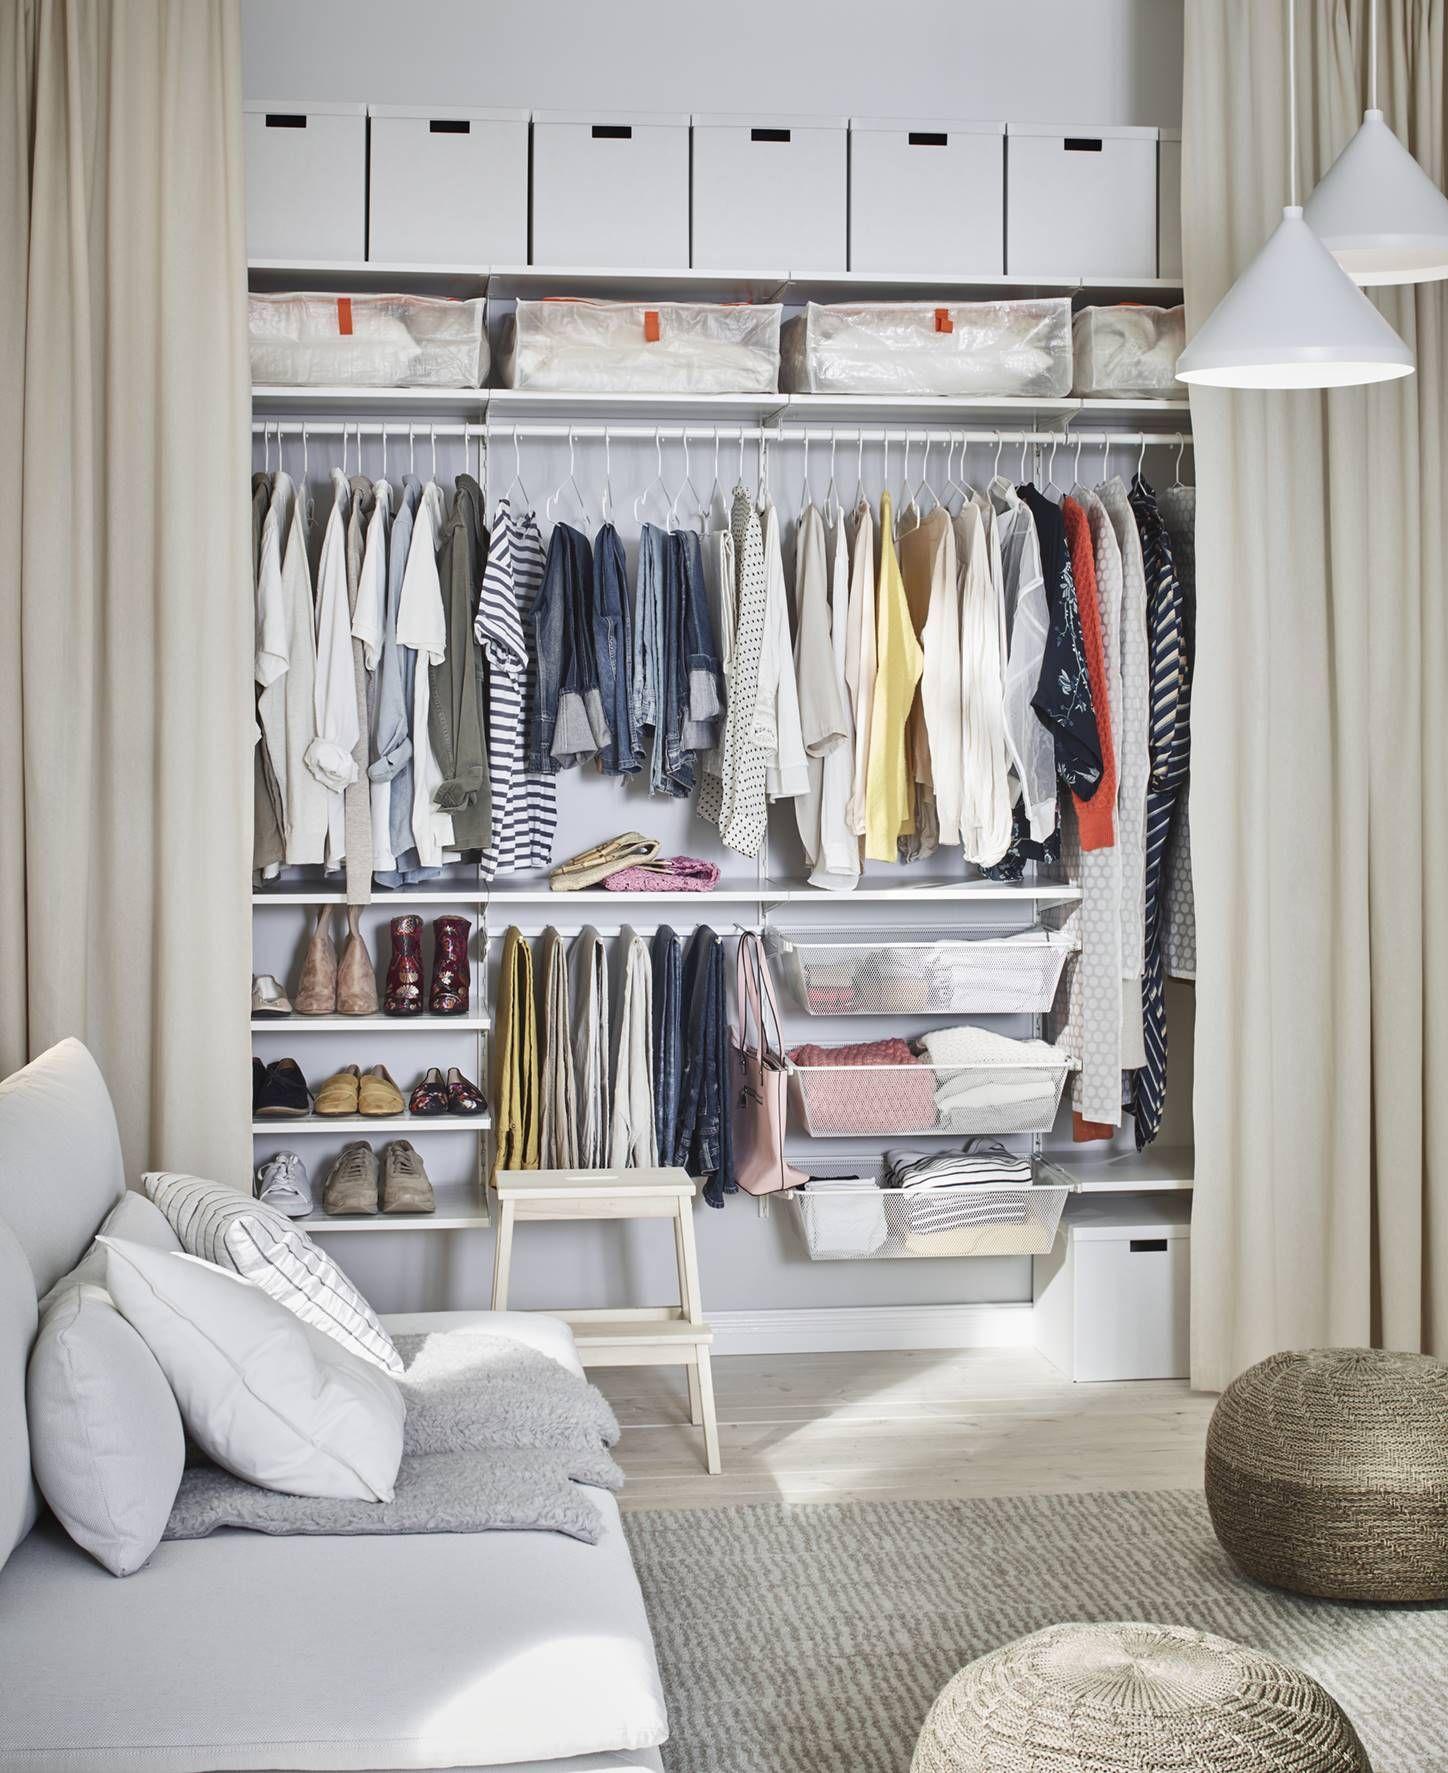 Y armarios sin puertas en 2020   Ikea, Decoracion de ...